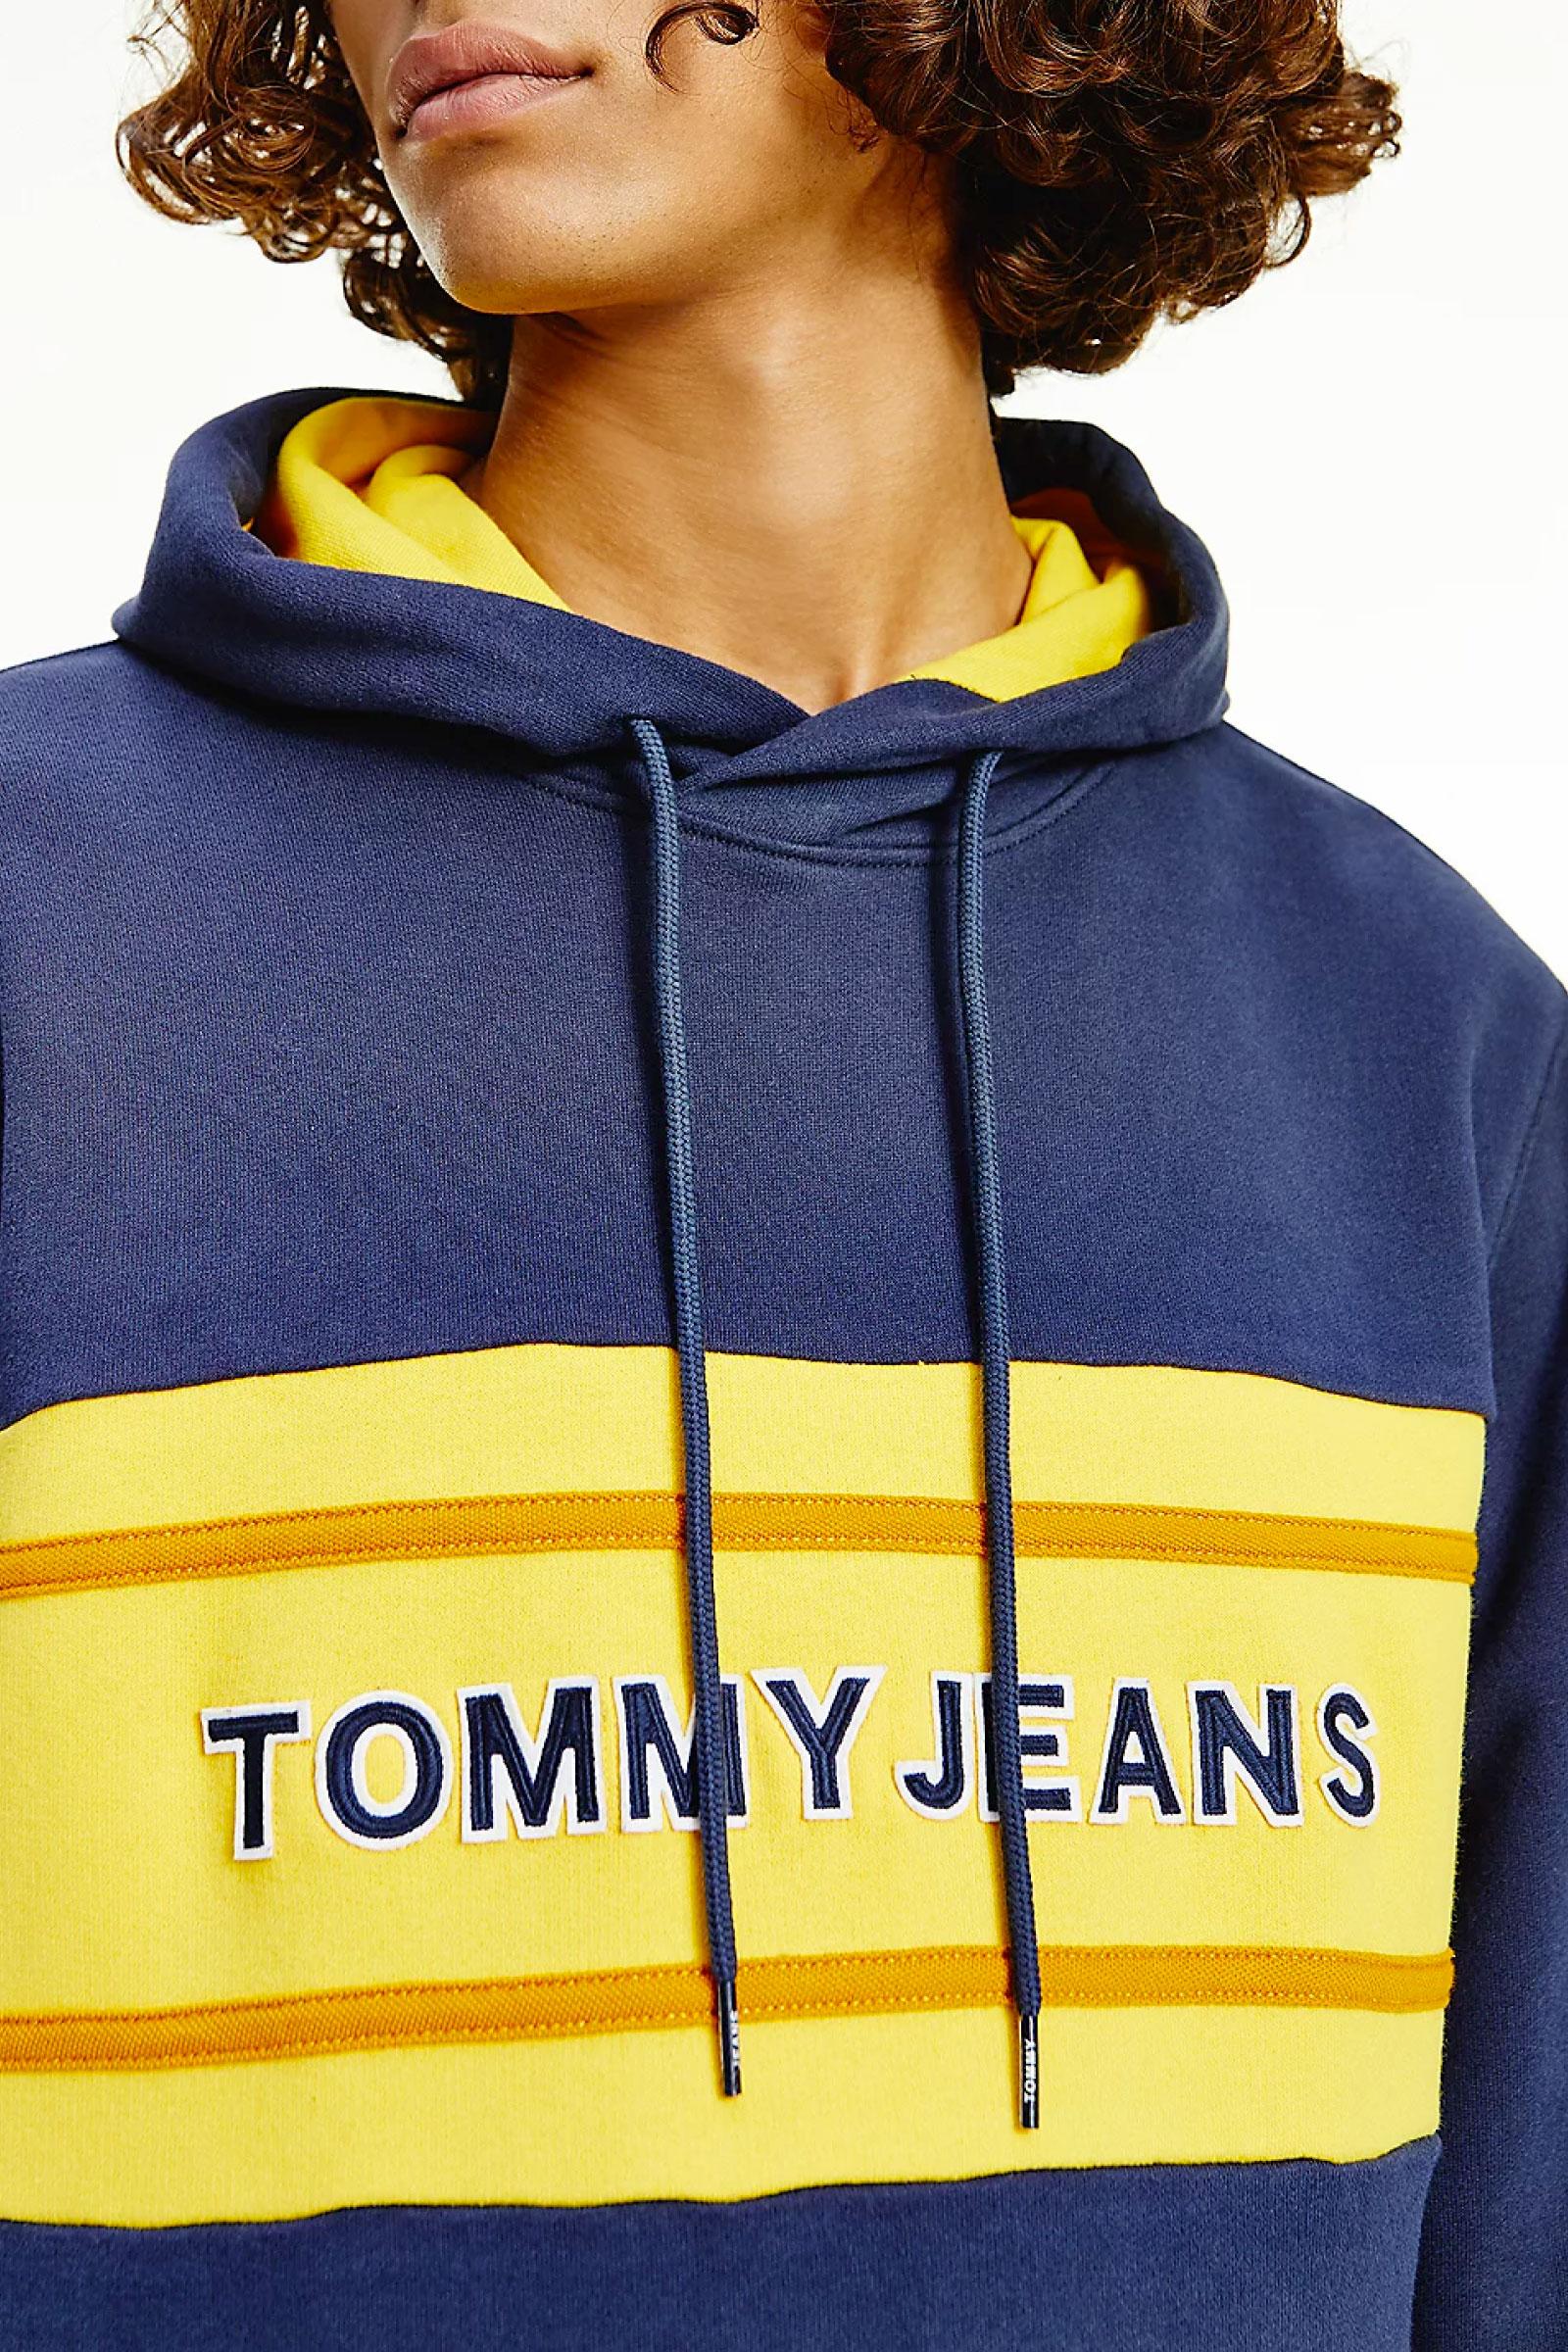 TOMMY JEANS | Mesh | DM0DM09651C87